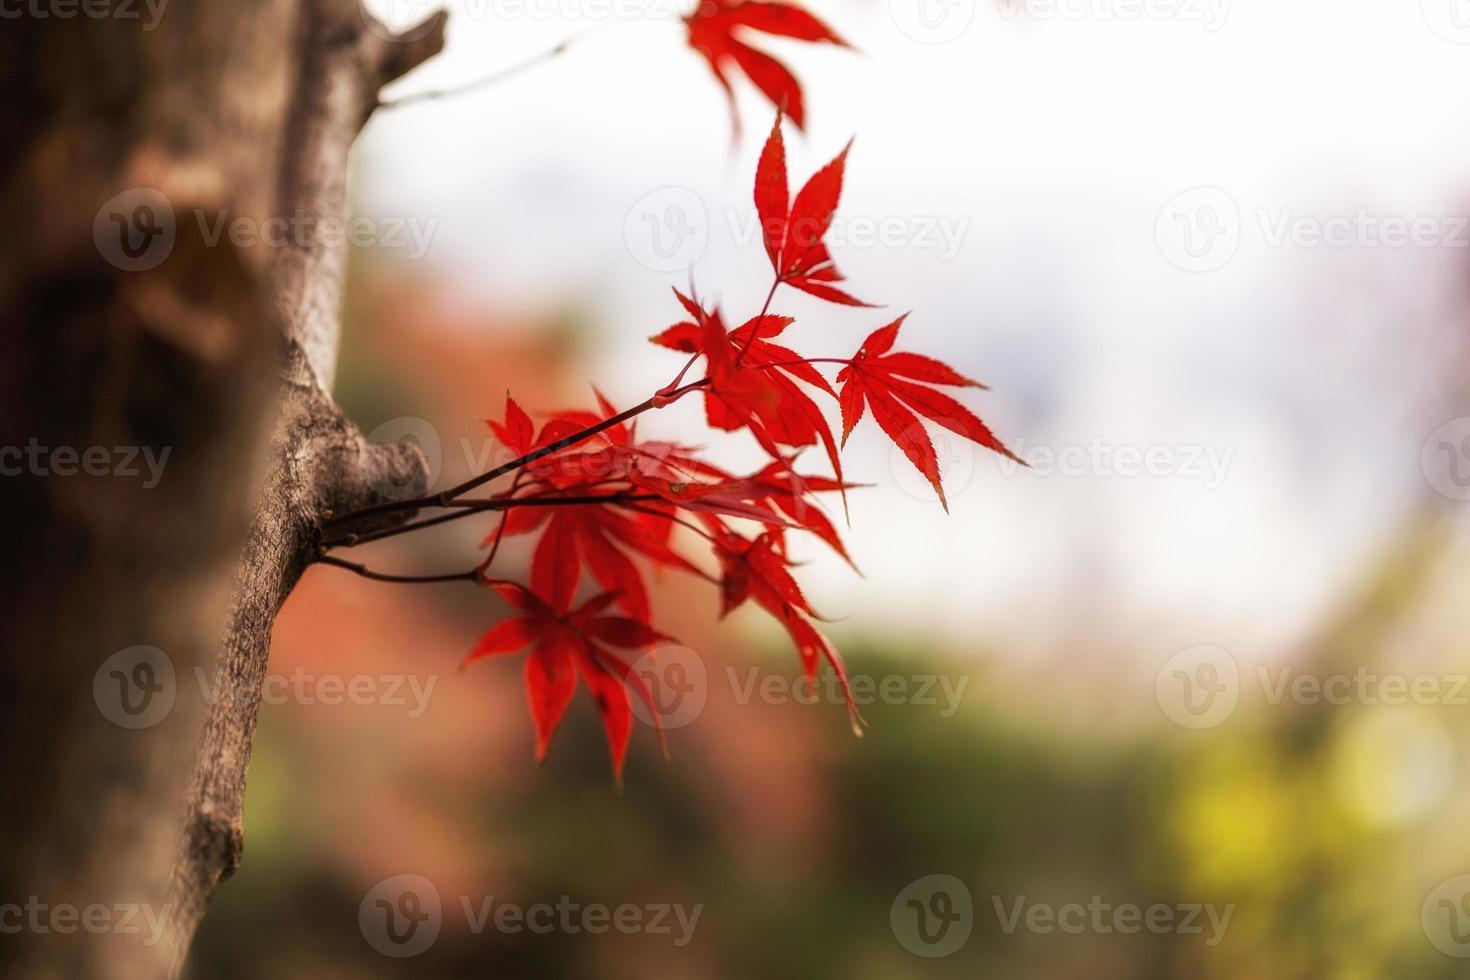 Autumn fall maple foliage photo